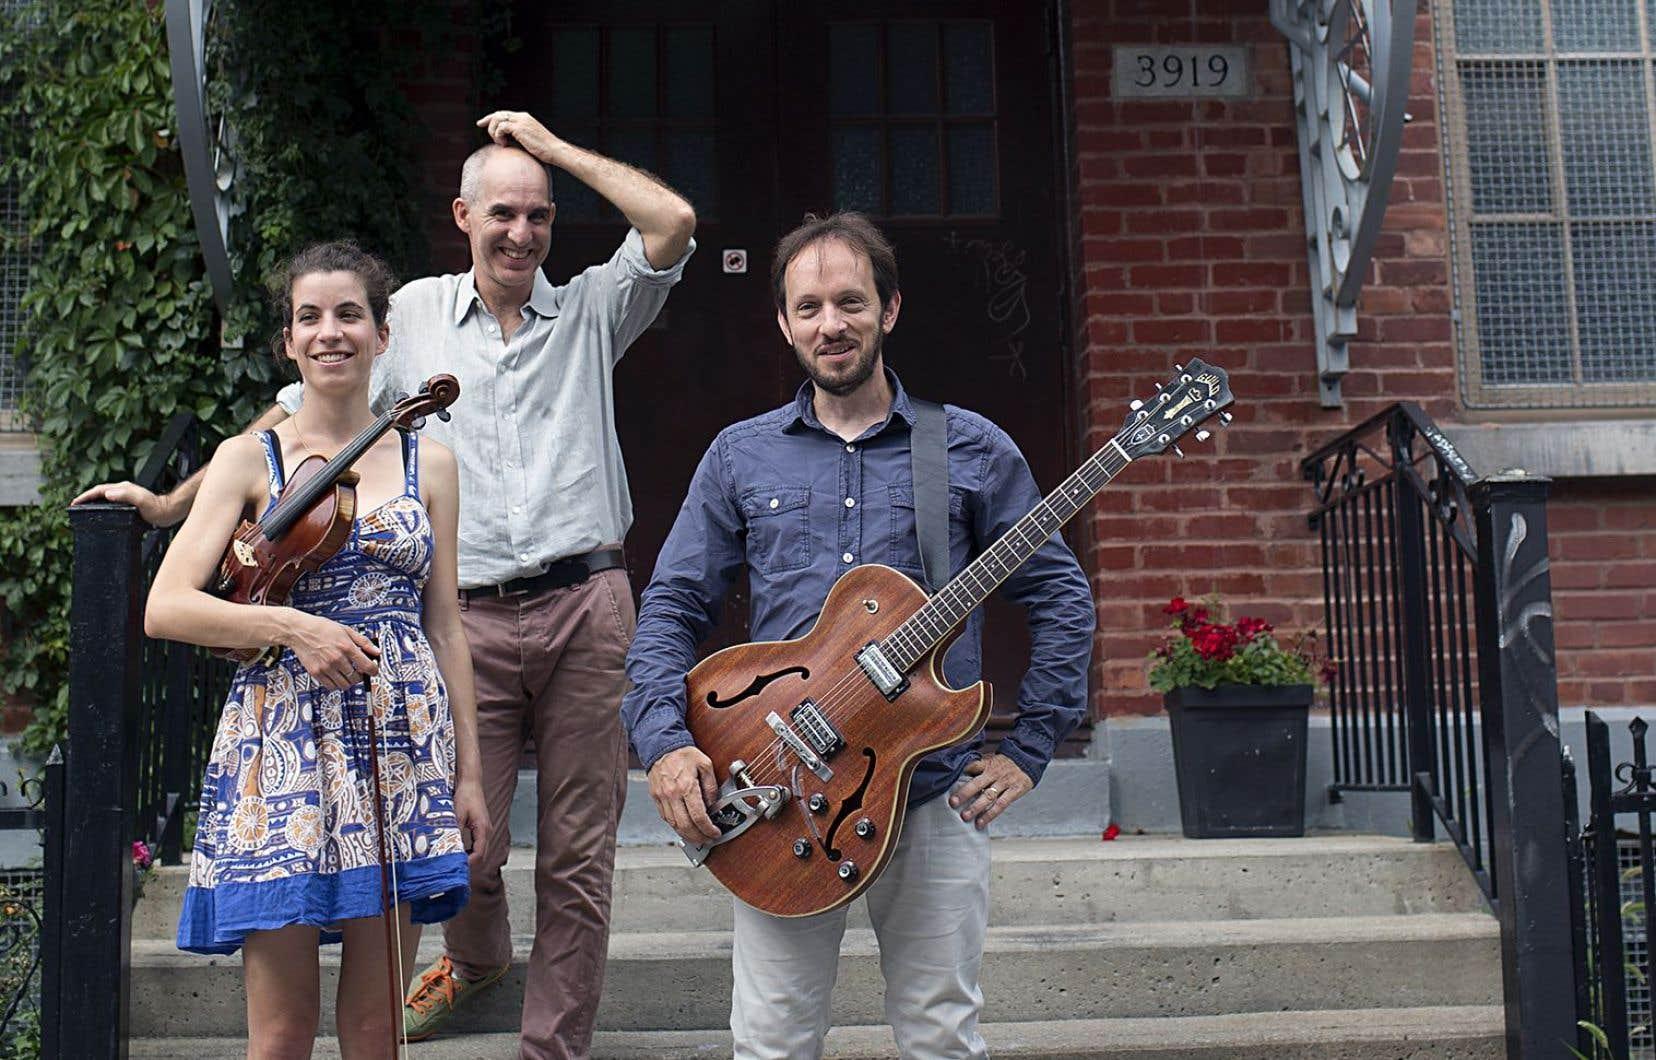 Le groupe montréalais Magillah met en musique les poèmes de sept auteurs de la culture yiddish.